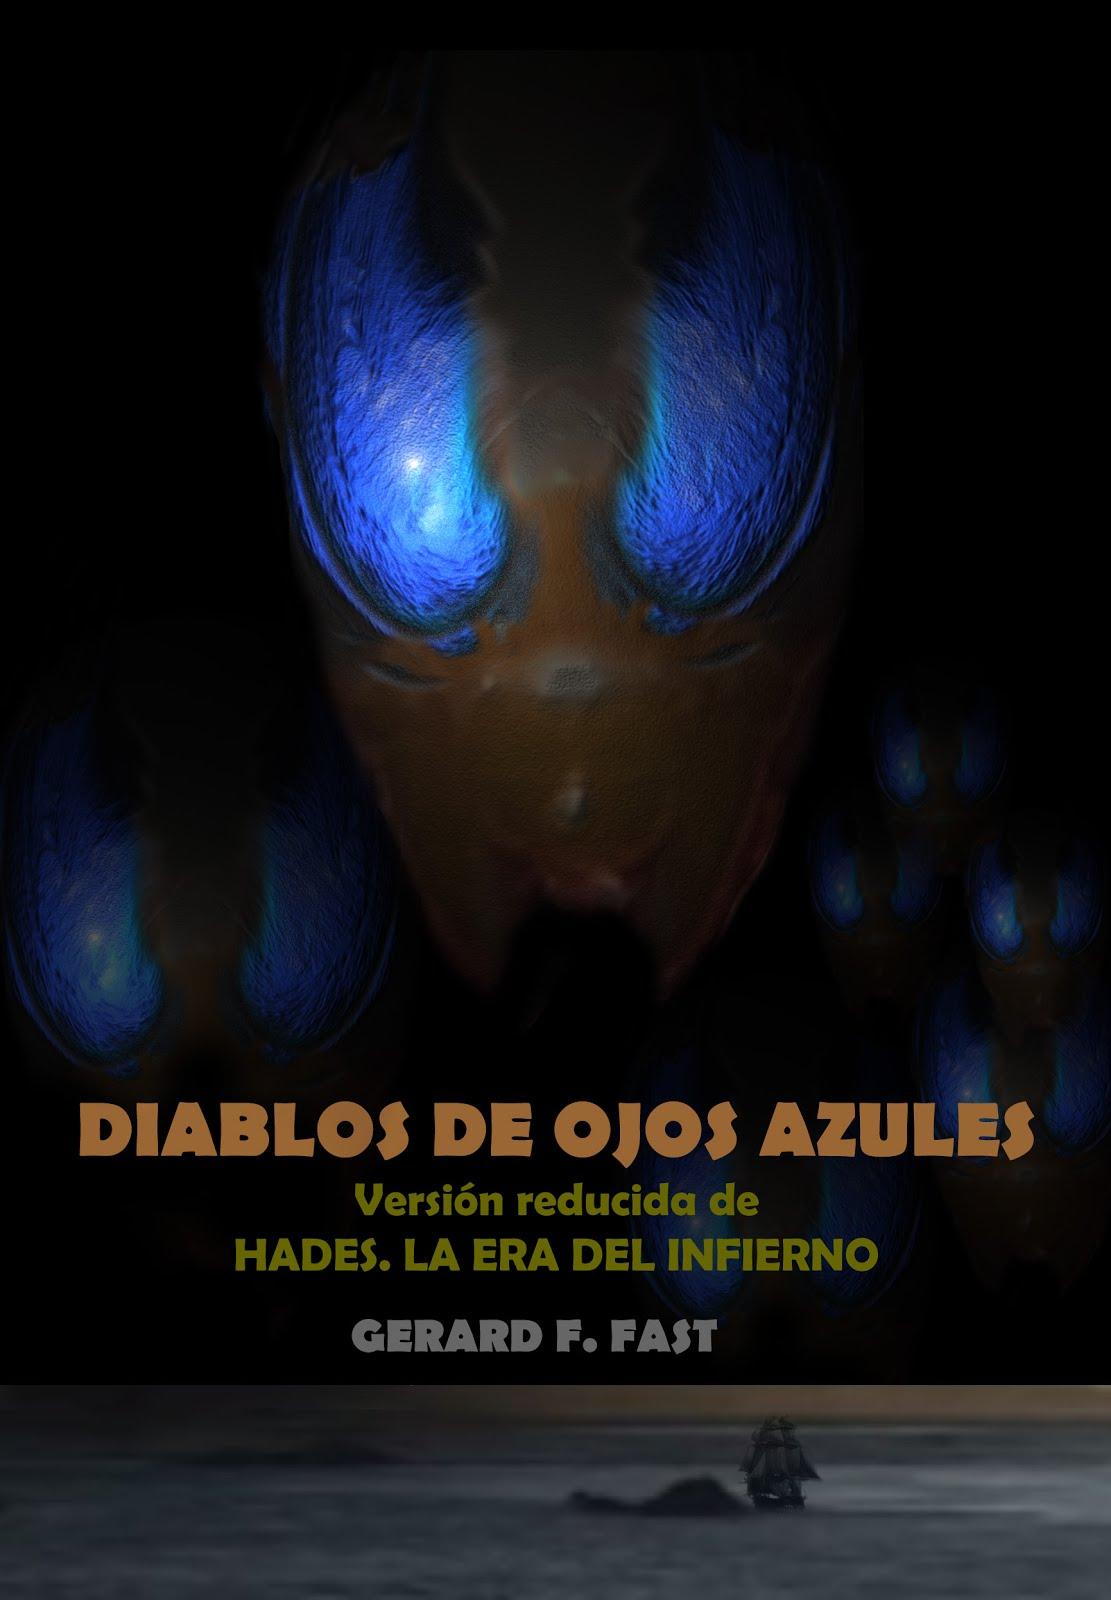 DIABLOS DE OJOS AZULES (VERSIÓN REDUCIDA DE HADES. LA ERA DEL INFIERNO)